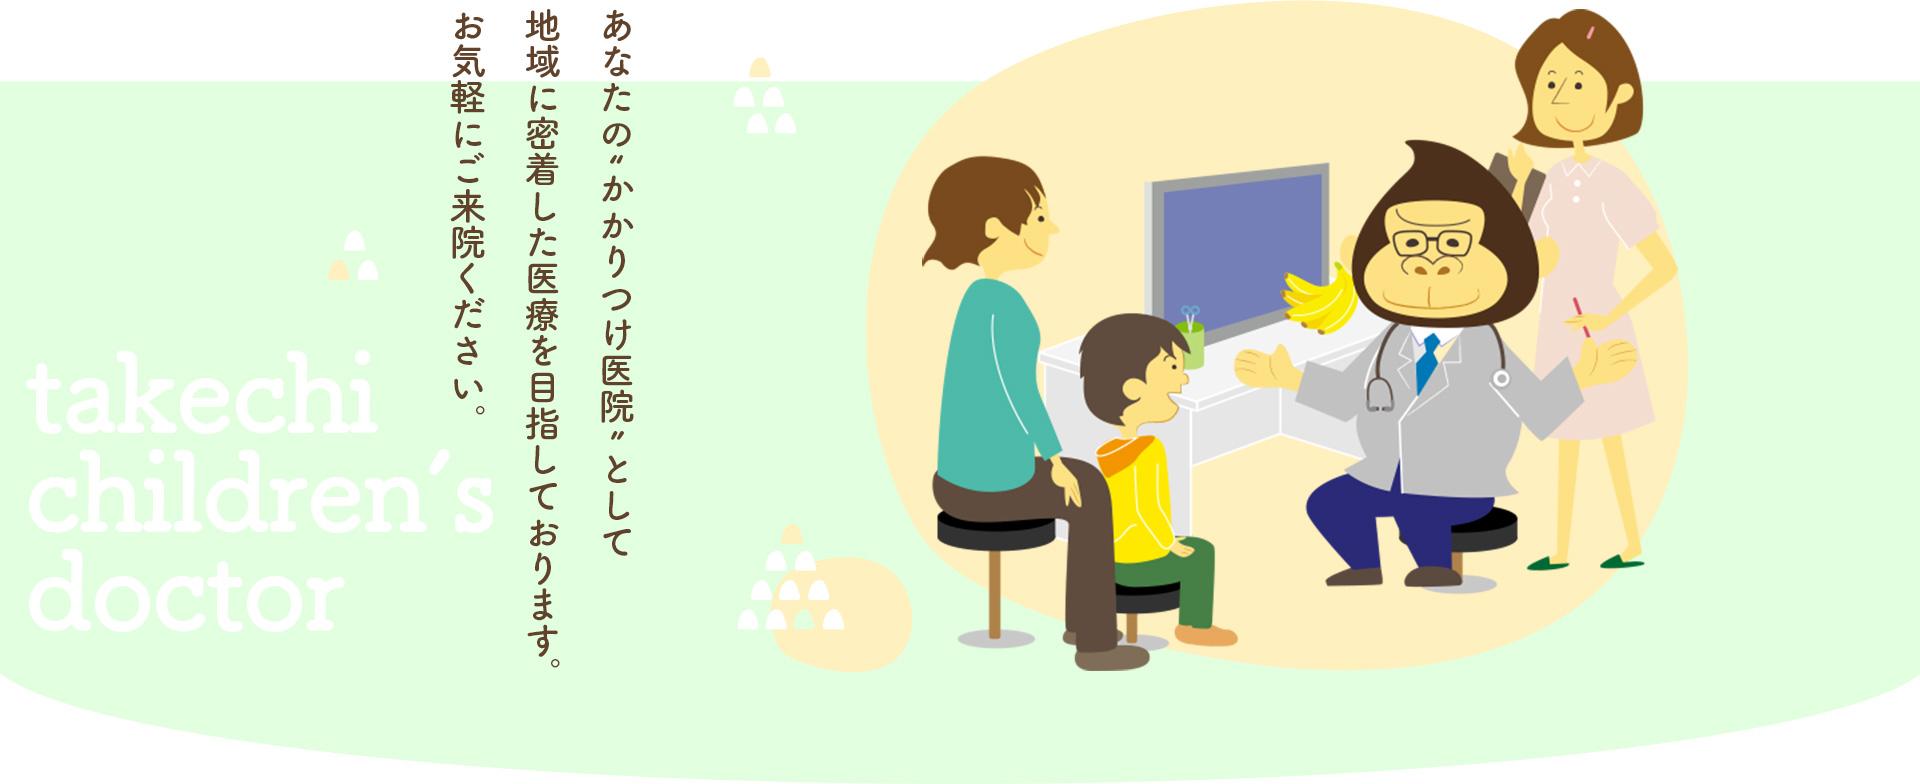 """あなたの""""かかりつけ医院""""として地域に密着した医療を目指しております。お気軽にご来院ください。"""